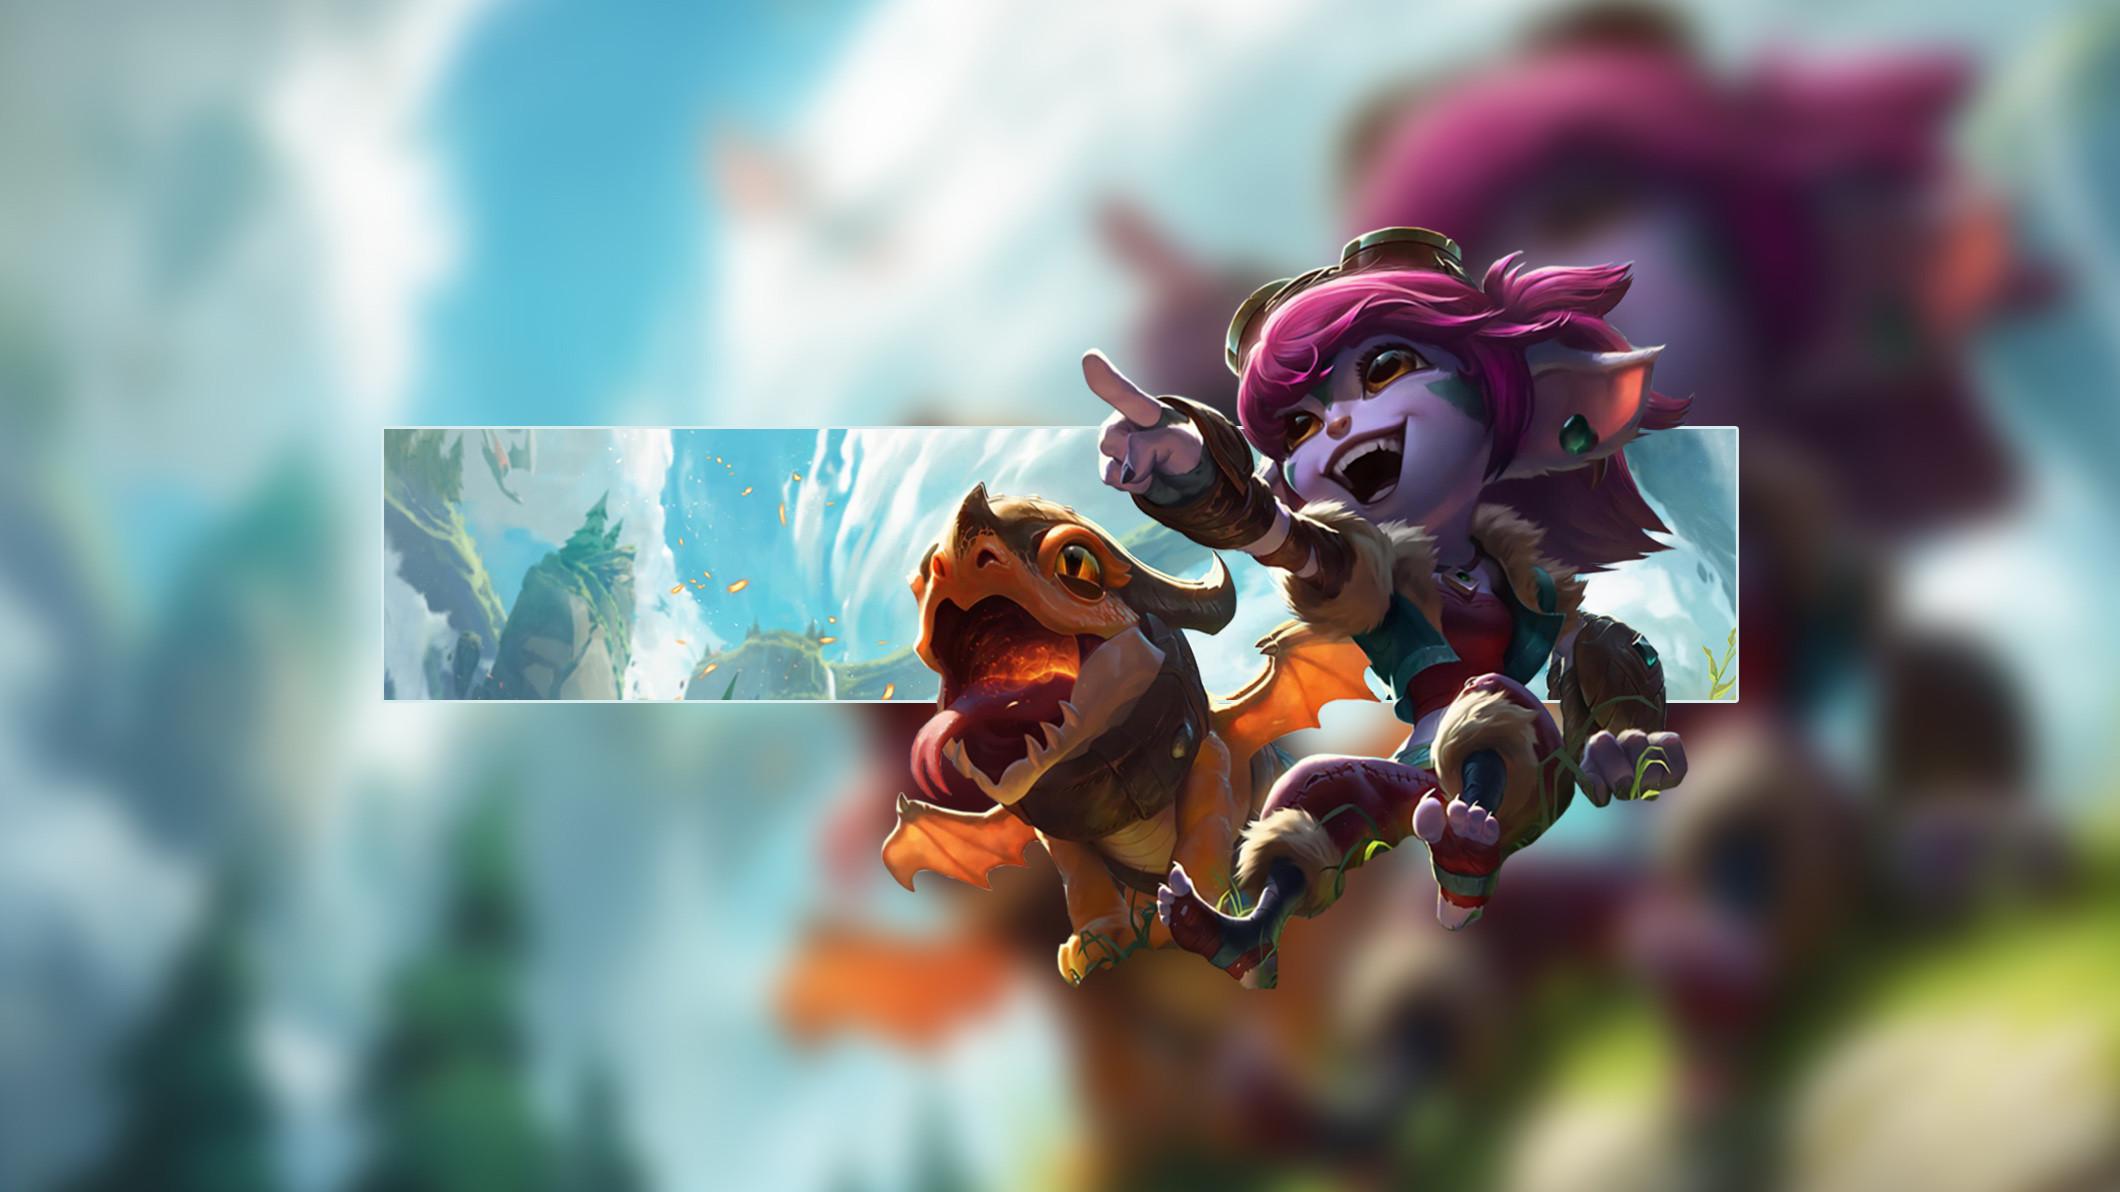 Dragon Trainer Tristana by Insane HD Wallpaper Fan Art Artwork League of  Legends lol